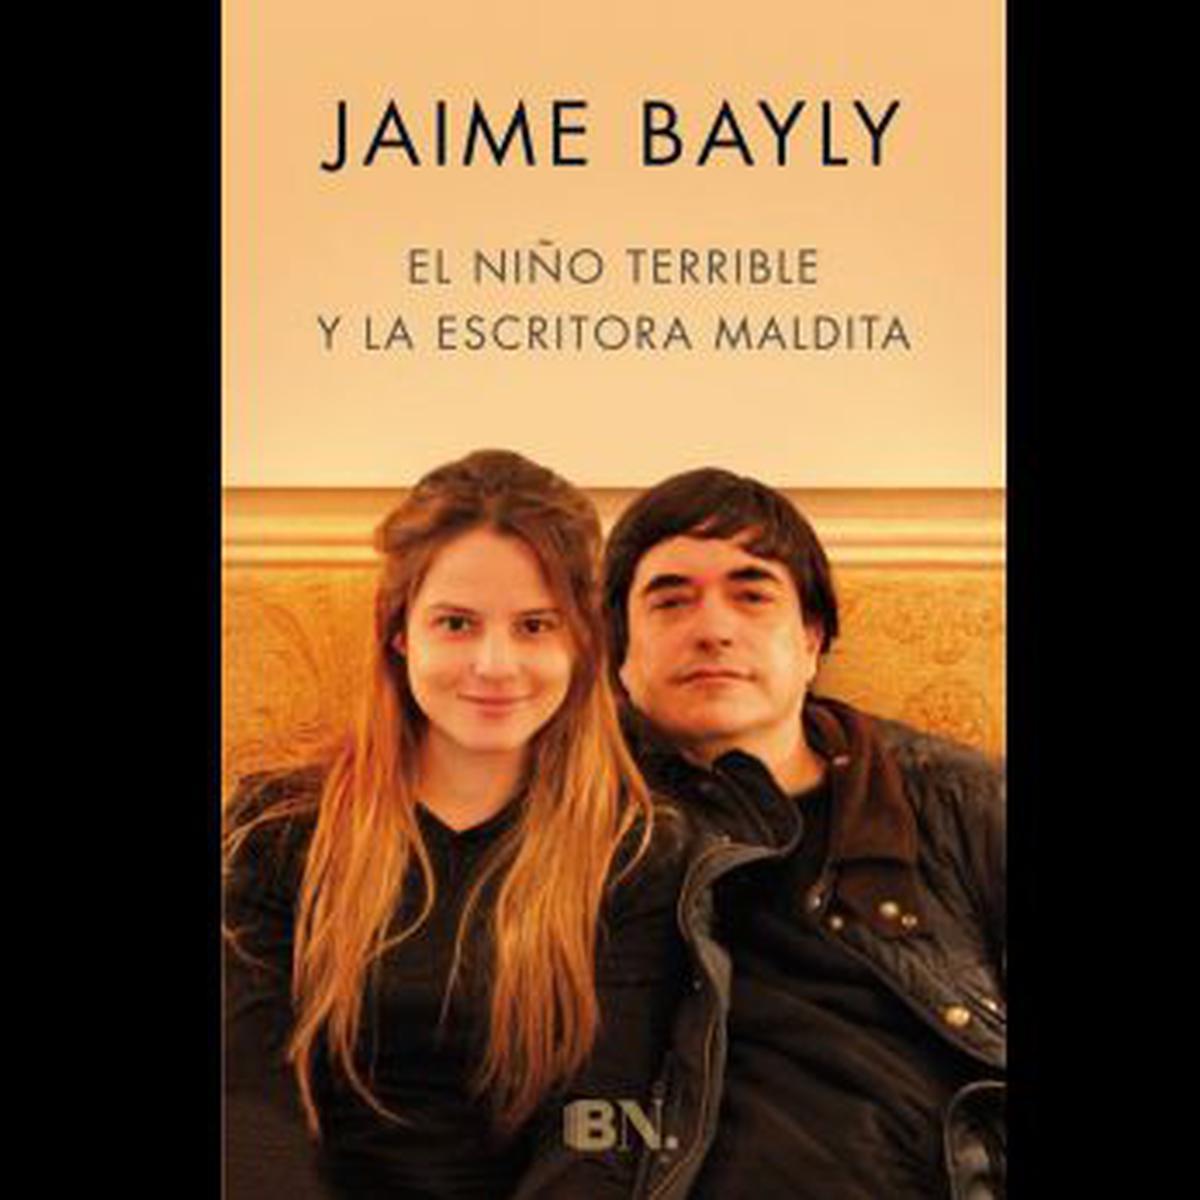 Jaime Bayly Donde Venden Y Cuanto Cuesta Su Nuevo Libro Luces El Comercio Peru 7 de enero de 2018. jaime bayly donde venden y cuanto